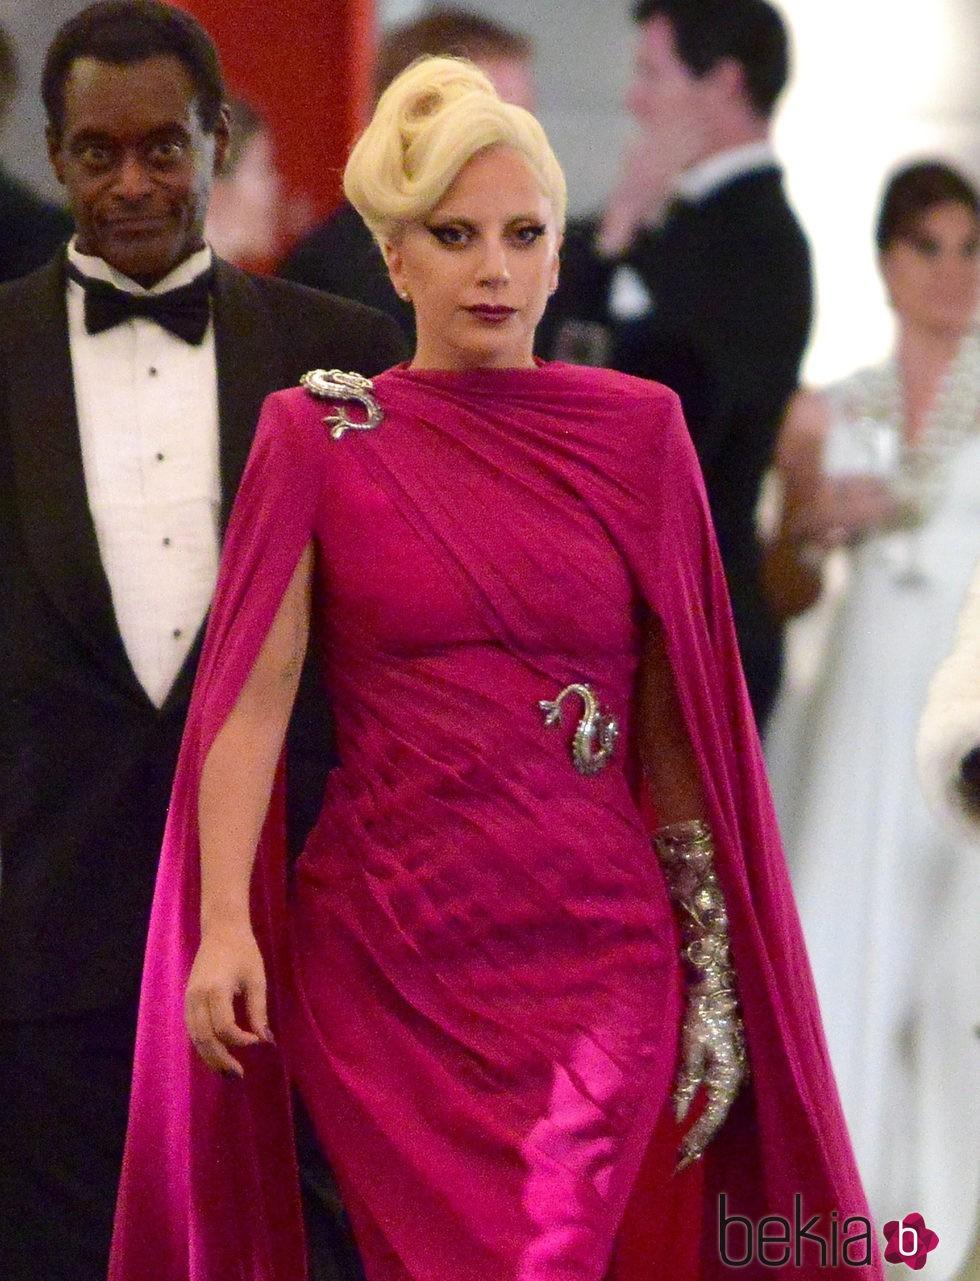 Lady Gaga caracterizada como Elizabeth en el rodaje de 'AHS: Hotel' en Los Angeles